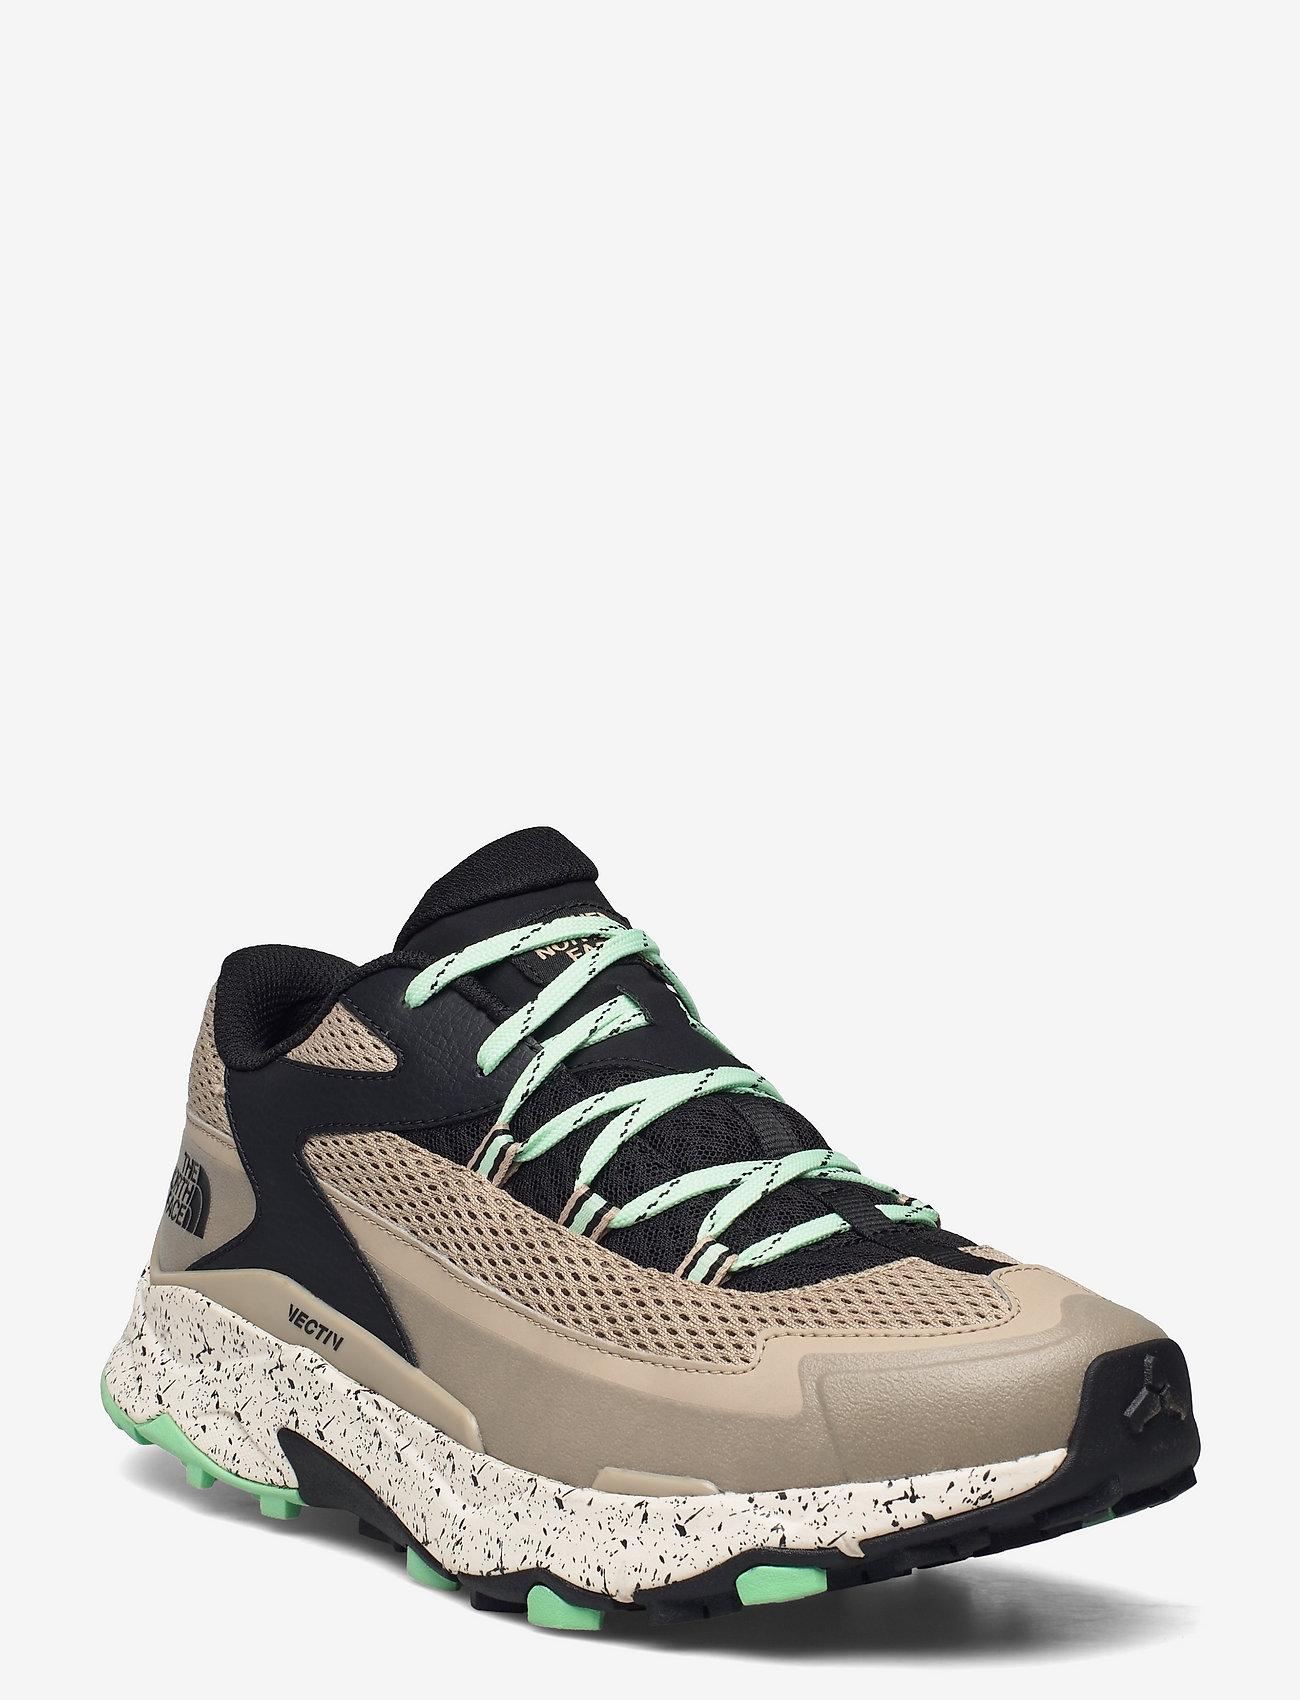 The North Face - M VECTIV TARAVAL - chaussures de randonnée - flax/tnf black - 0